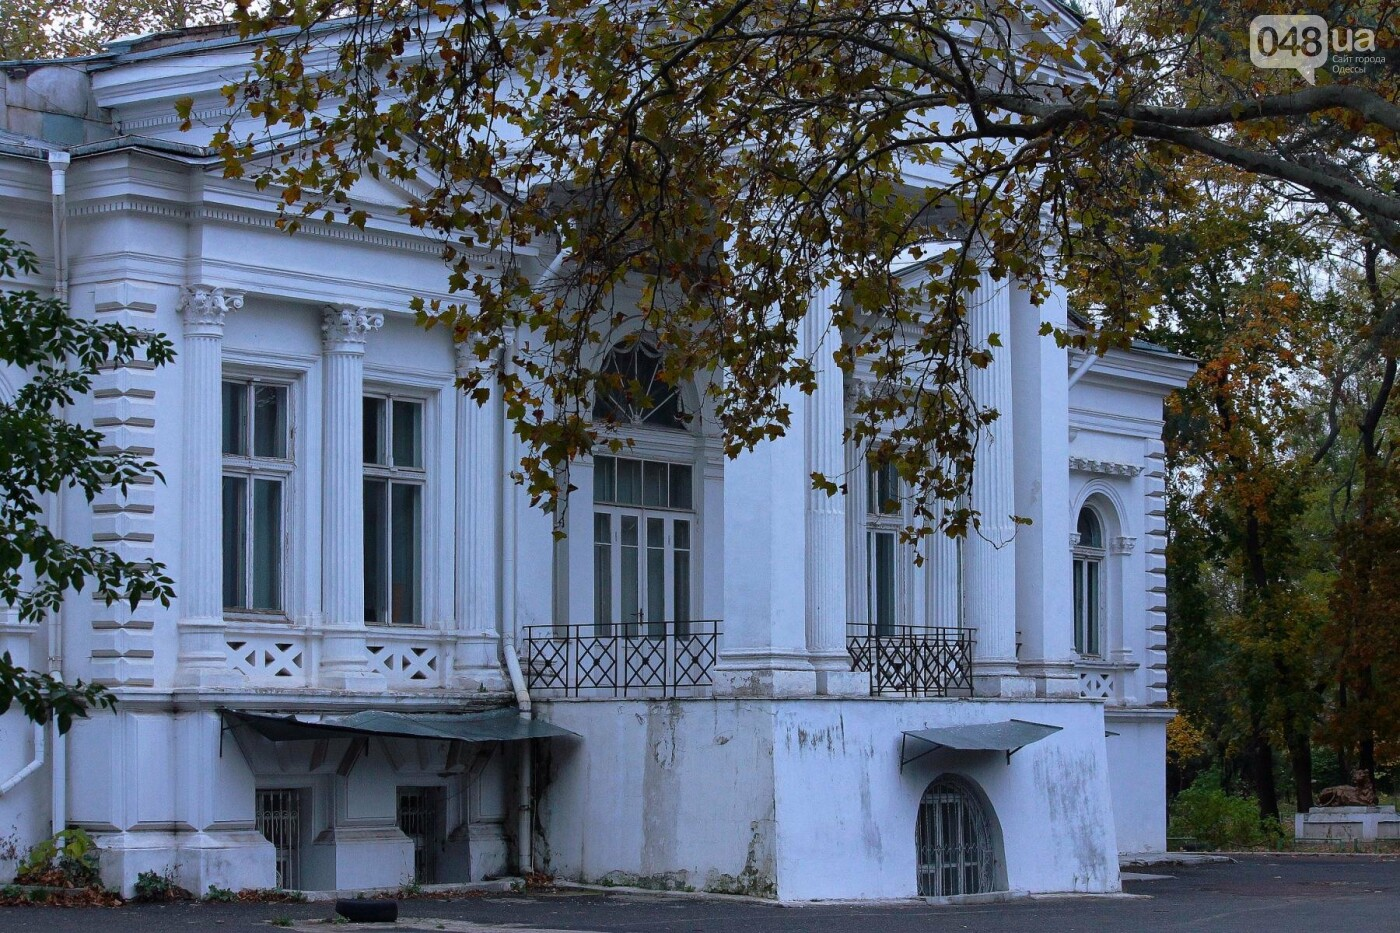 Одесса, которую мы теряем: санаторий им. Чкалова (ФОТОРЕПОРТАЖ), фото-15